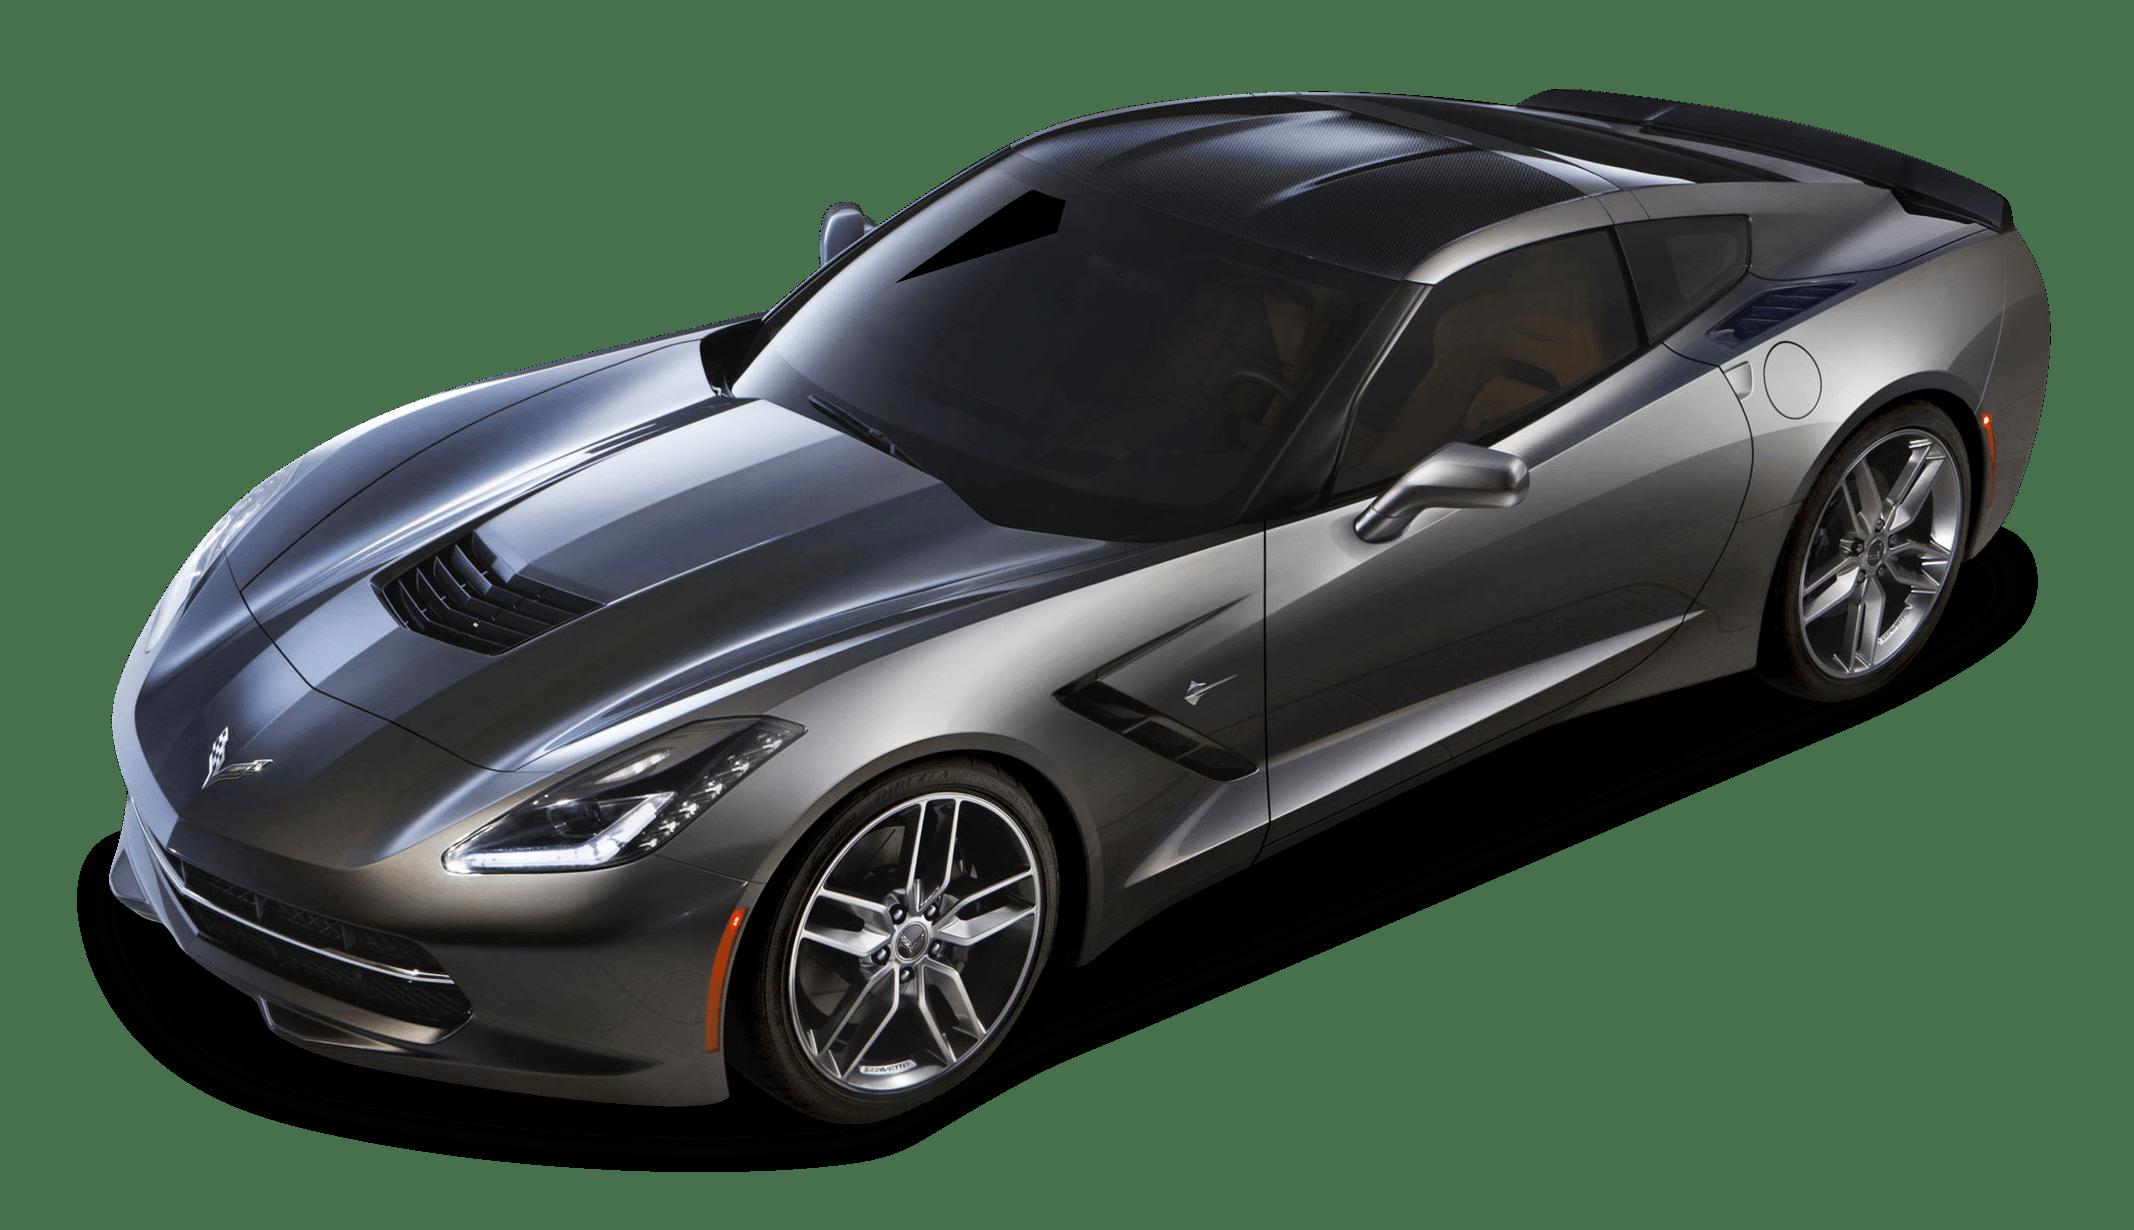 Corvette Diminished Value Appraisal In Tulsa Oklahoma Chevrolet Corvette C7 Corvette C7 Stingray Chevrolet